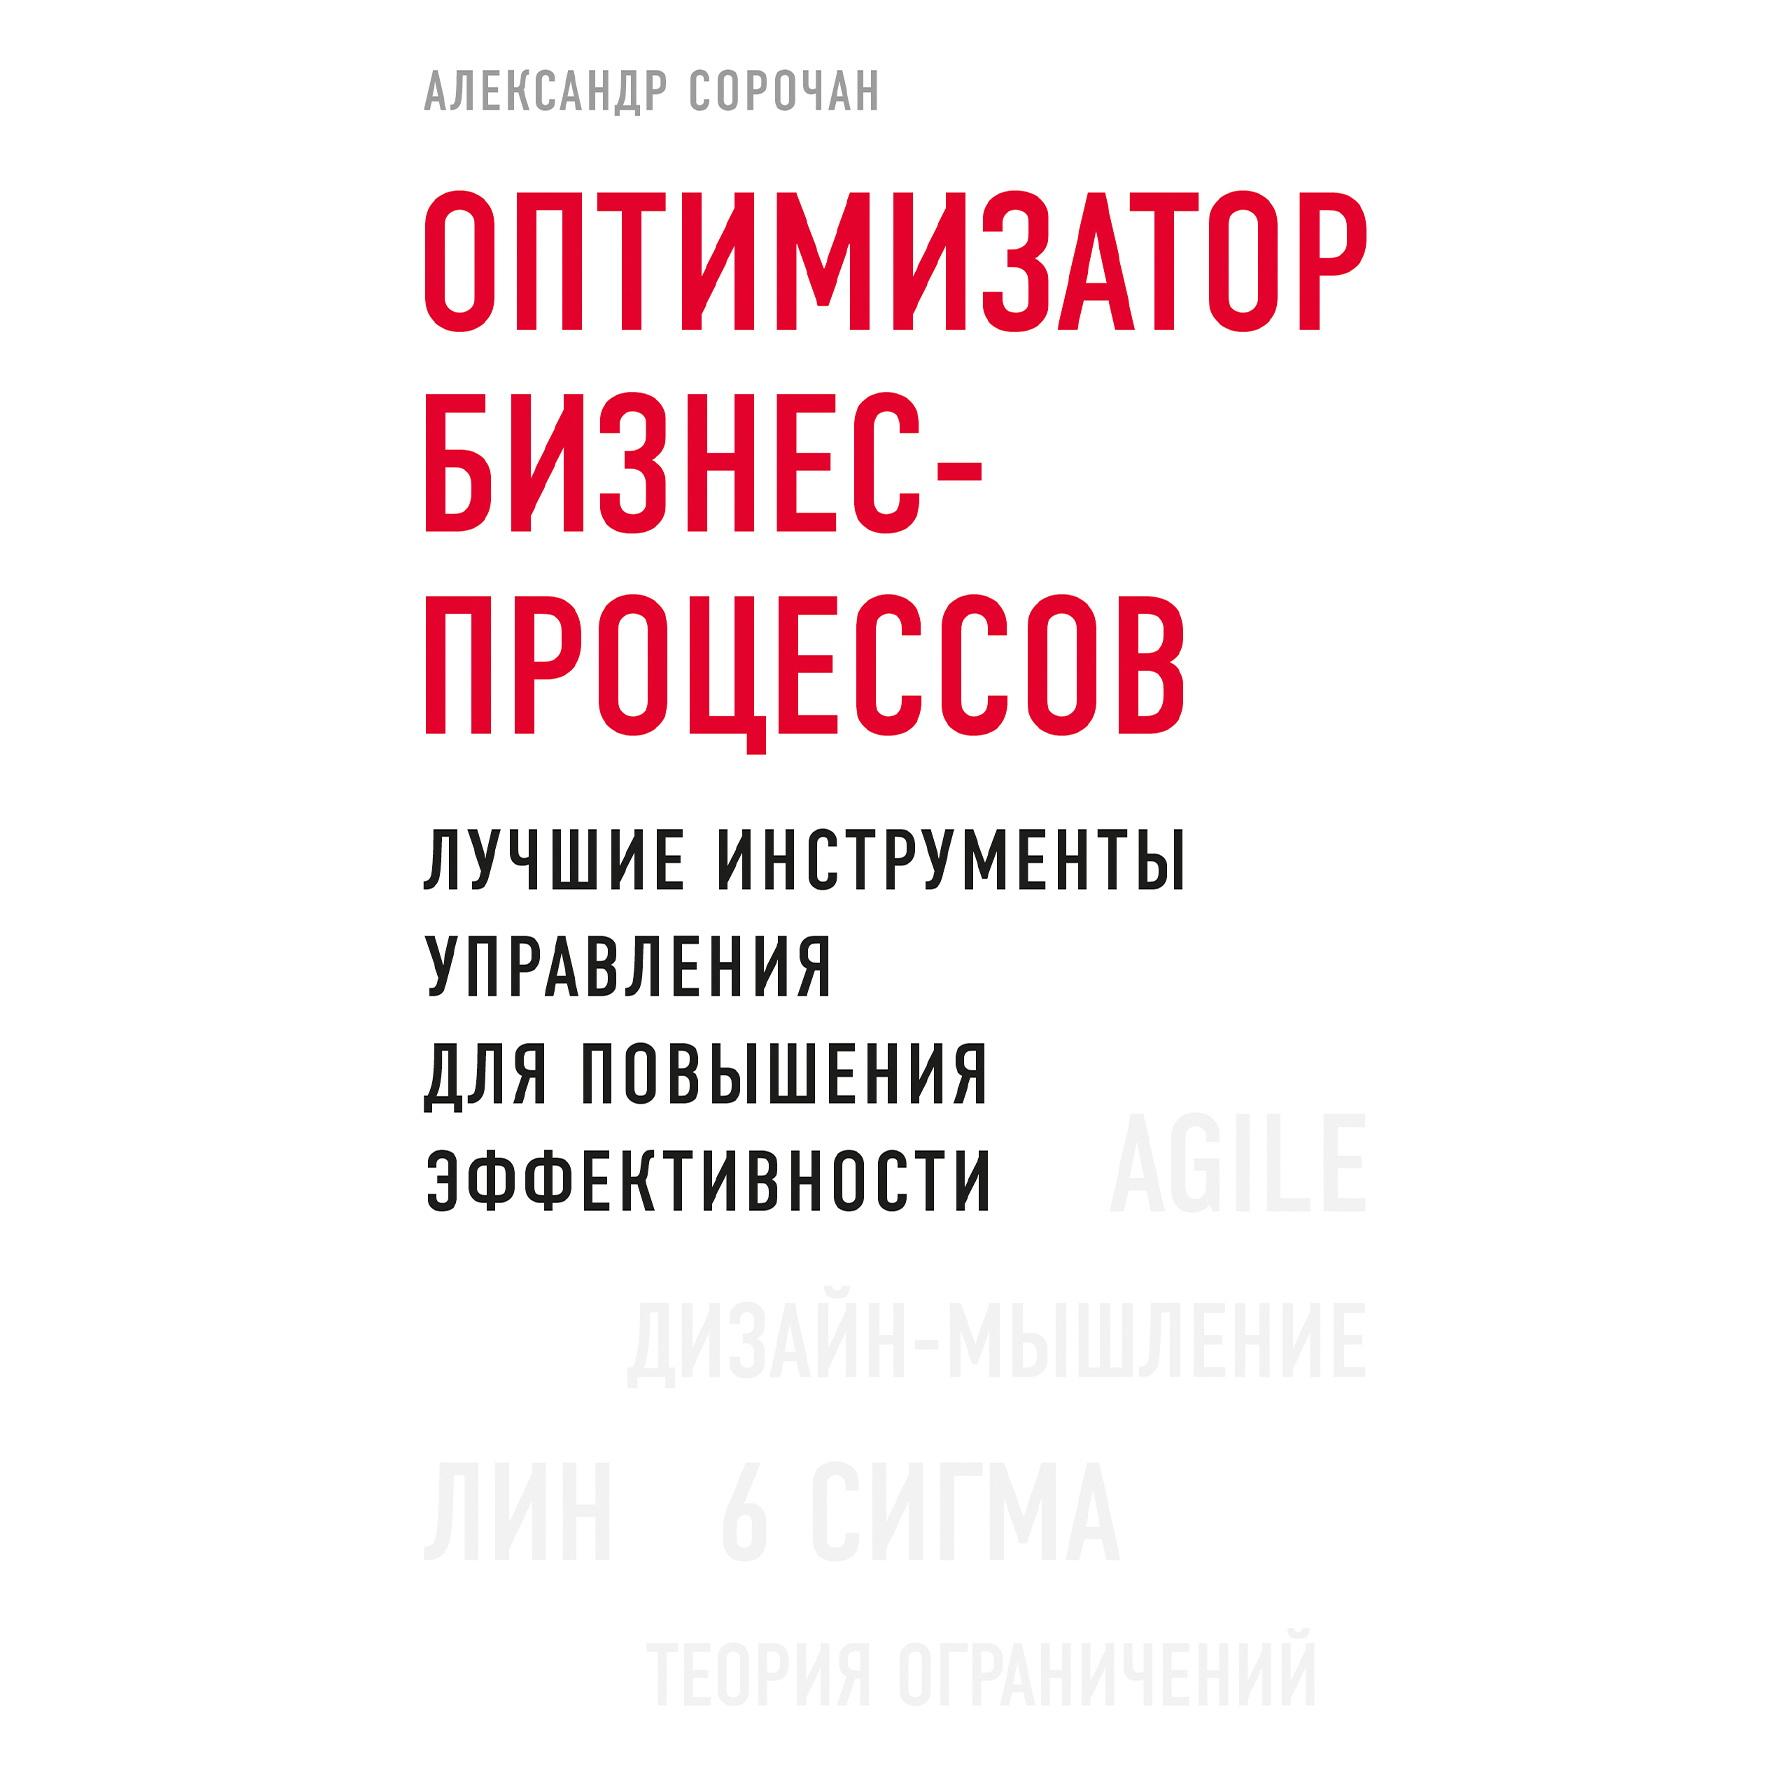 Купить книгу Оптимизатор бизнес-процессов. Лучшие инструменты управления для повышения эффективности, автора Александра Сорочана